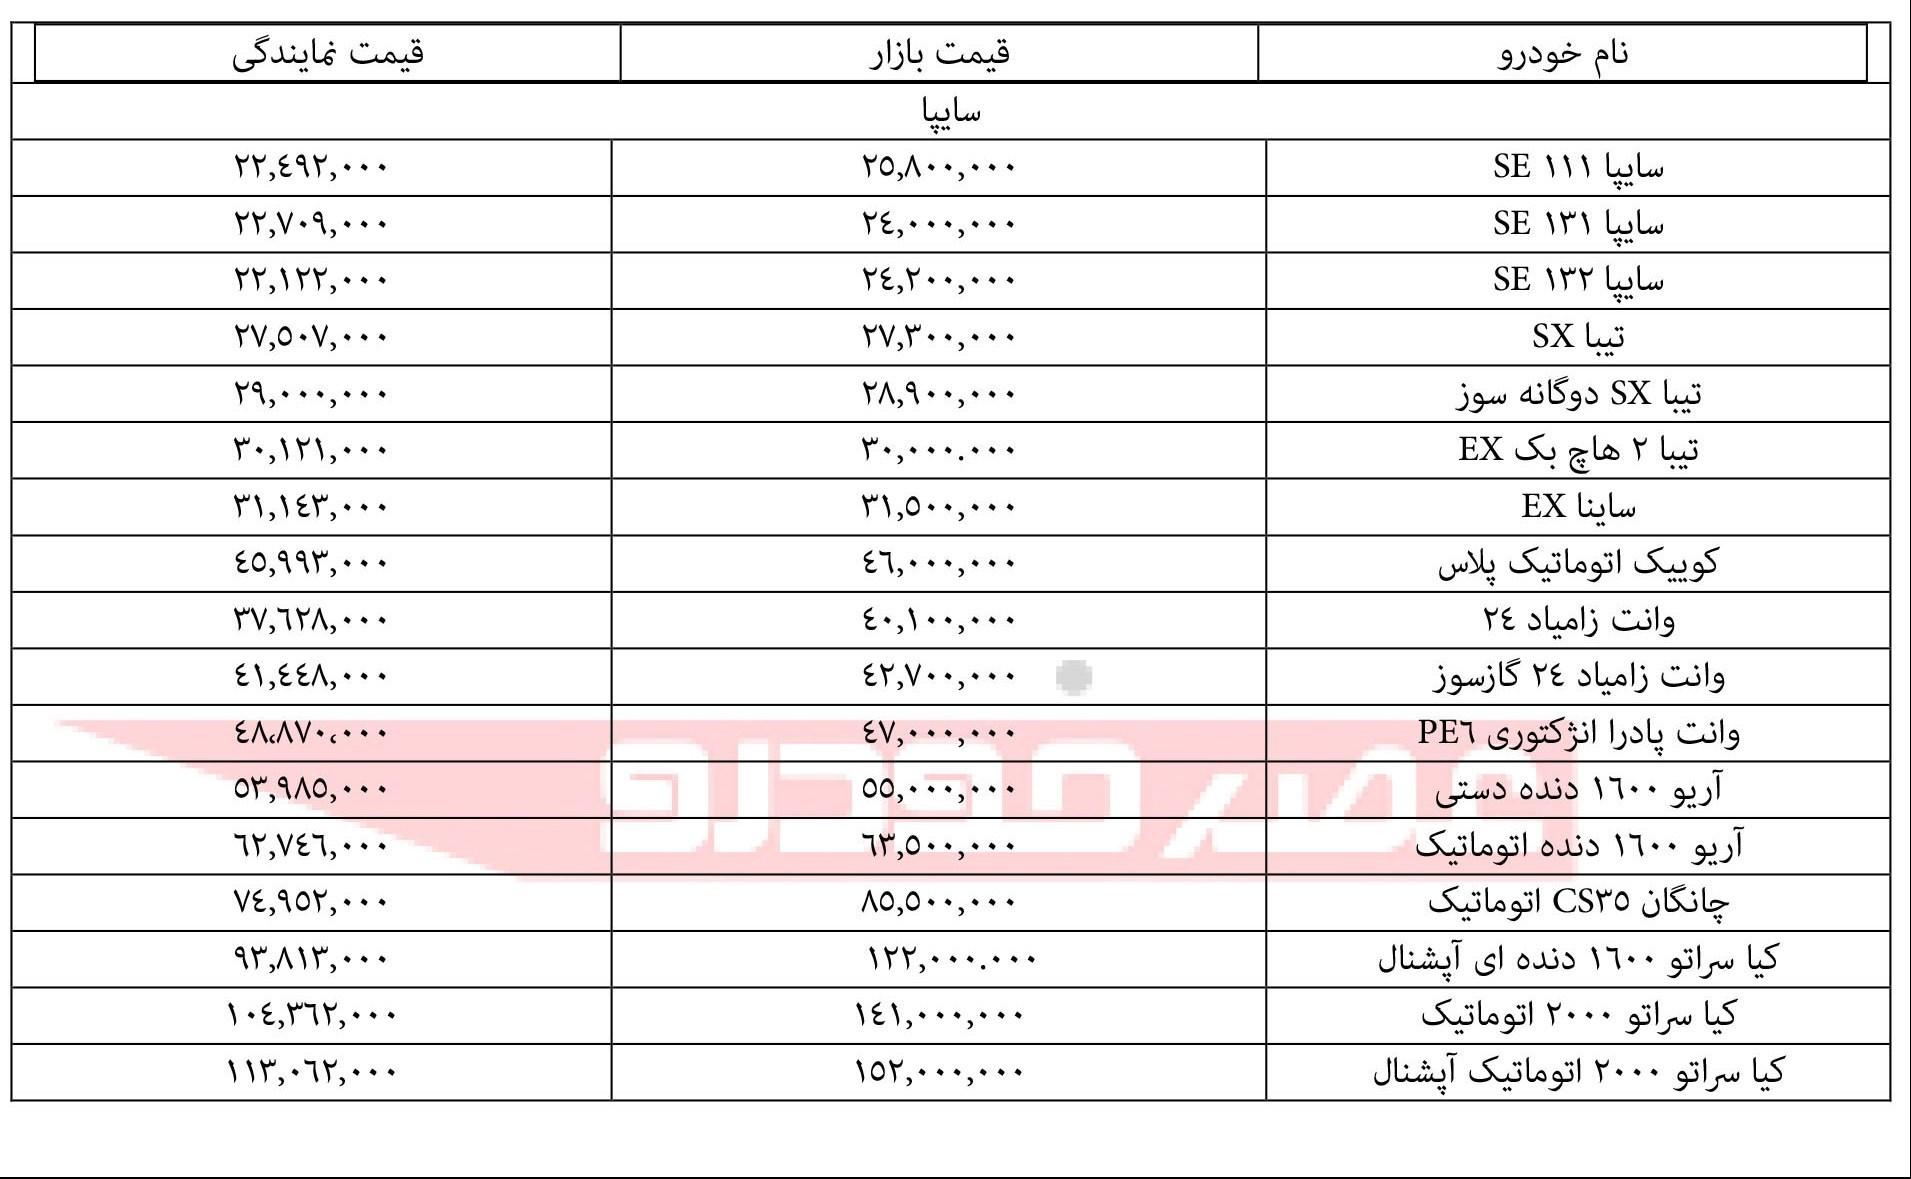 قیمت محصولات سایپا شهریور 97,لیست قیمت سایپا شهریور 97,قیمت سایپا شهریور 97